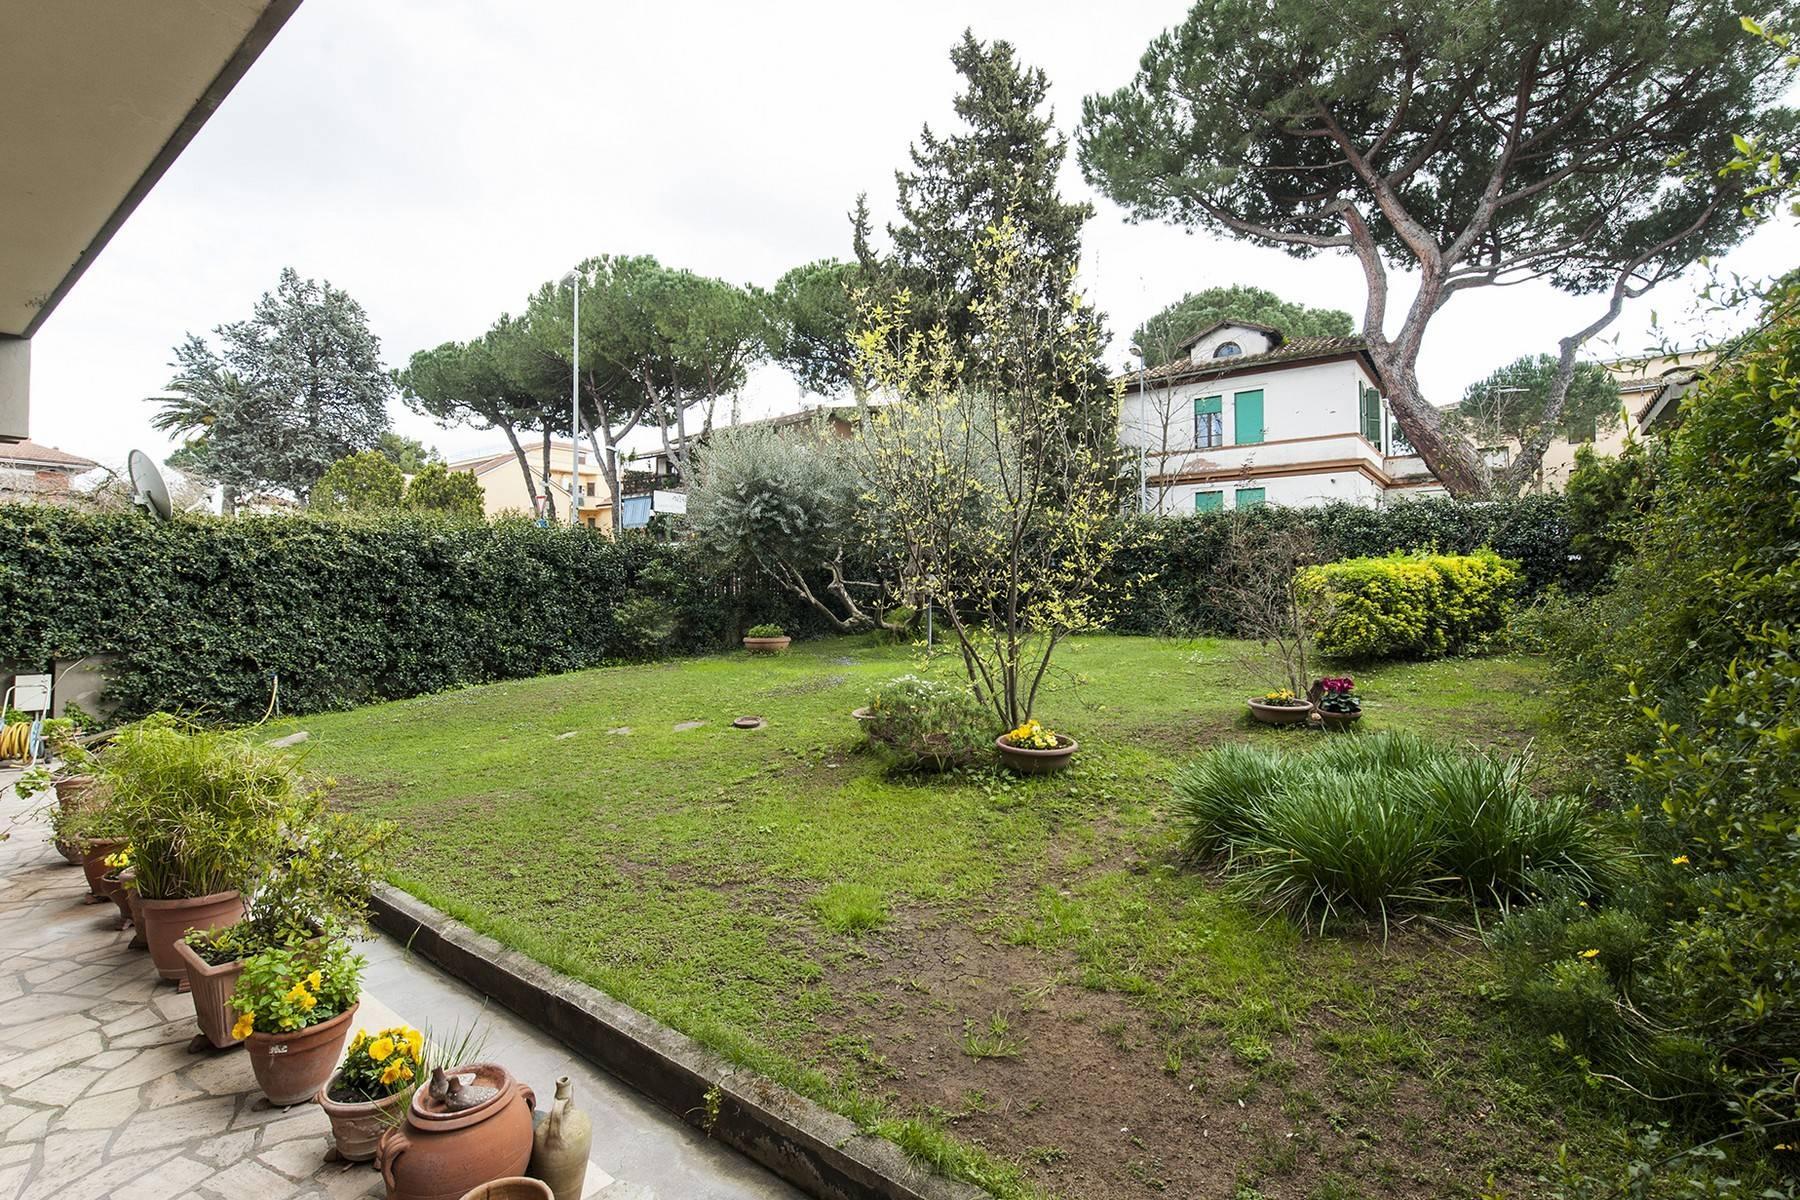 Appartamento con giardino nei pressi dell'Appia Antica - 1